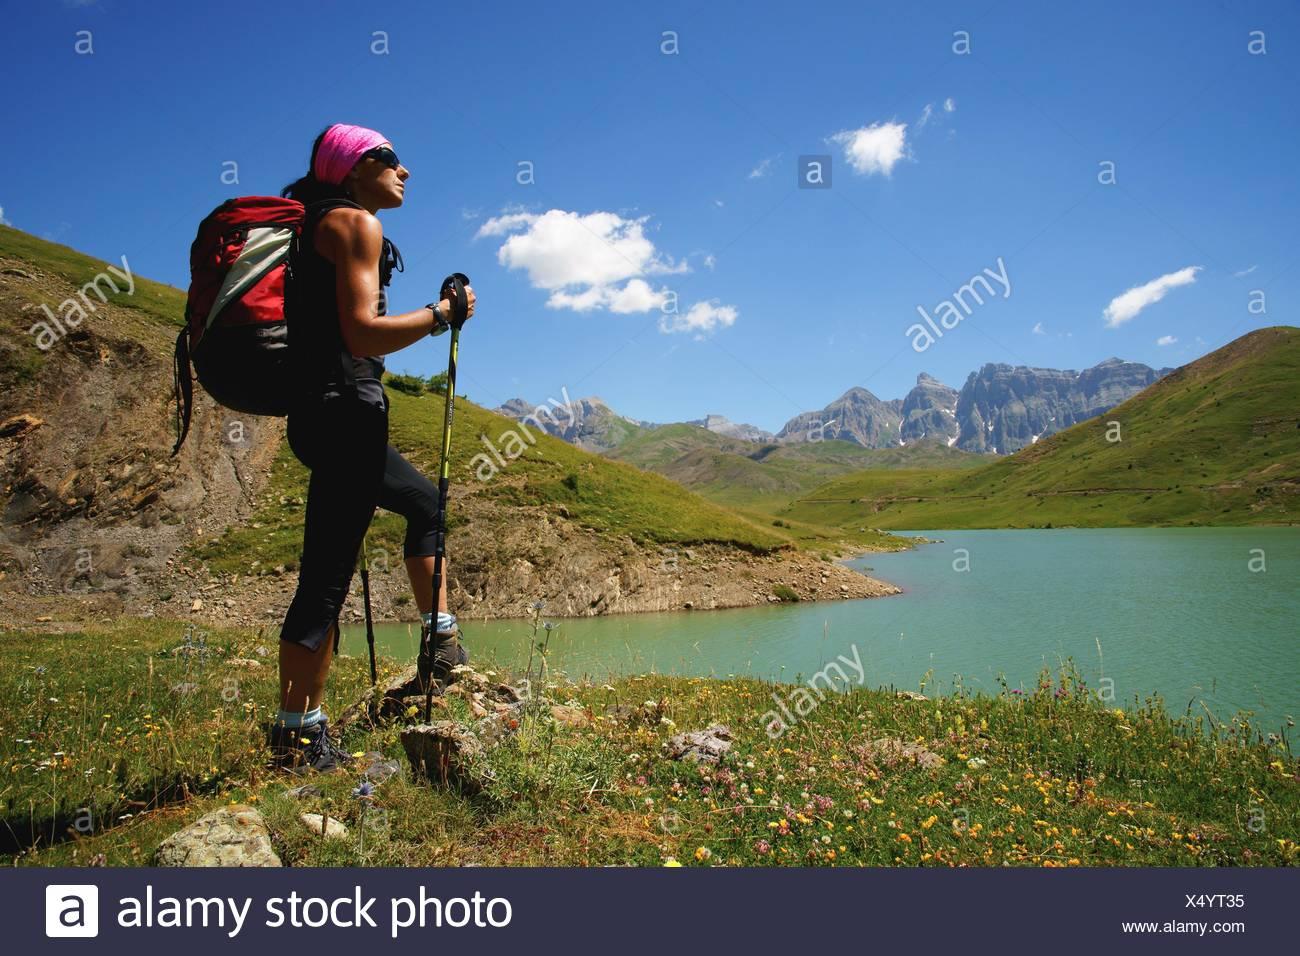 Enbalse de Ezcarra  Valle de Tena Pirineos Huesca Cordillera pirenaica España Stock Photo